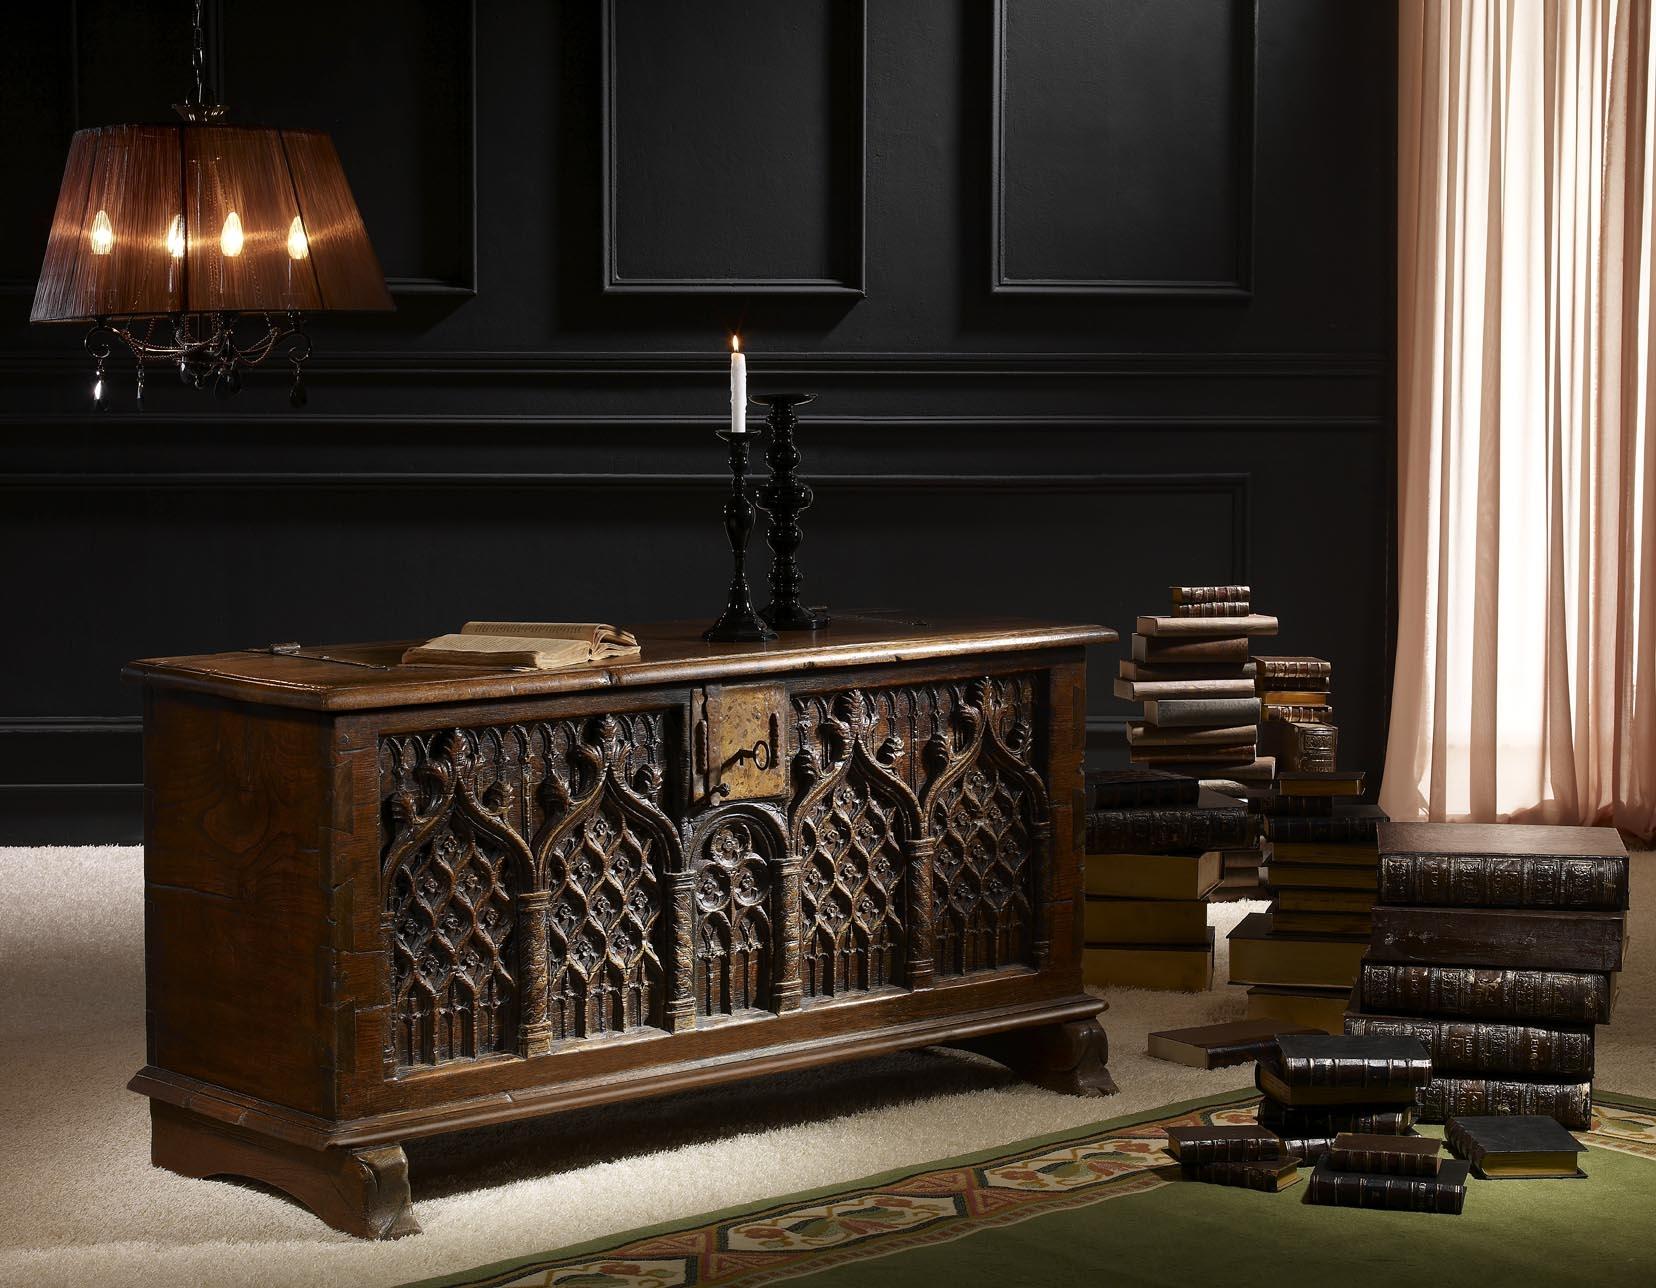 Muebles goticos - Imagenes de muebles ...